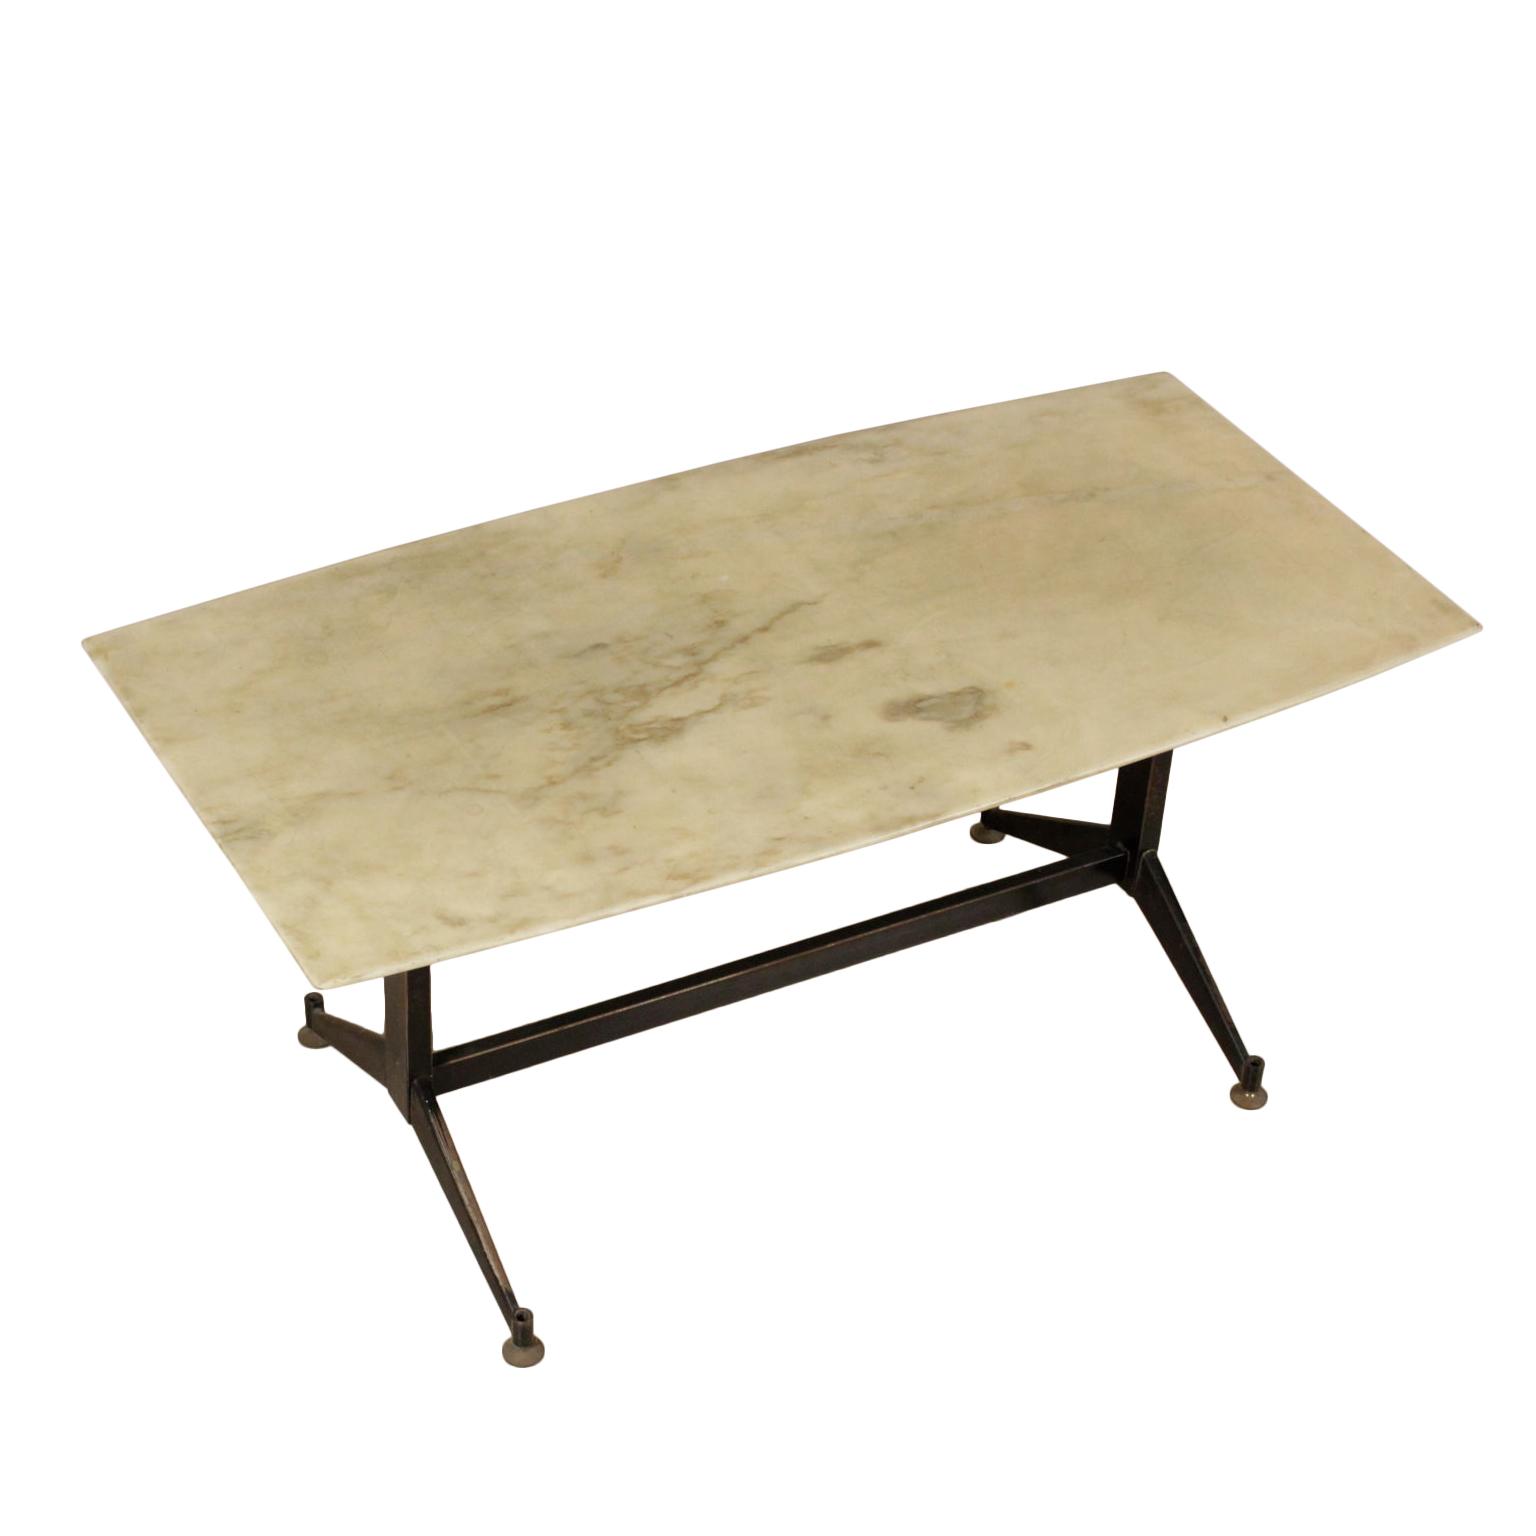 Awesome tavolo anni 50 gallery amazing house design for Tavolino anni 60 design